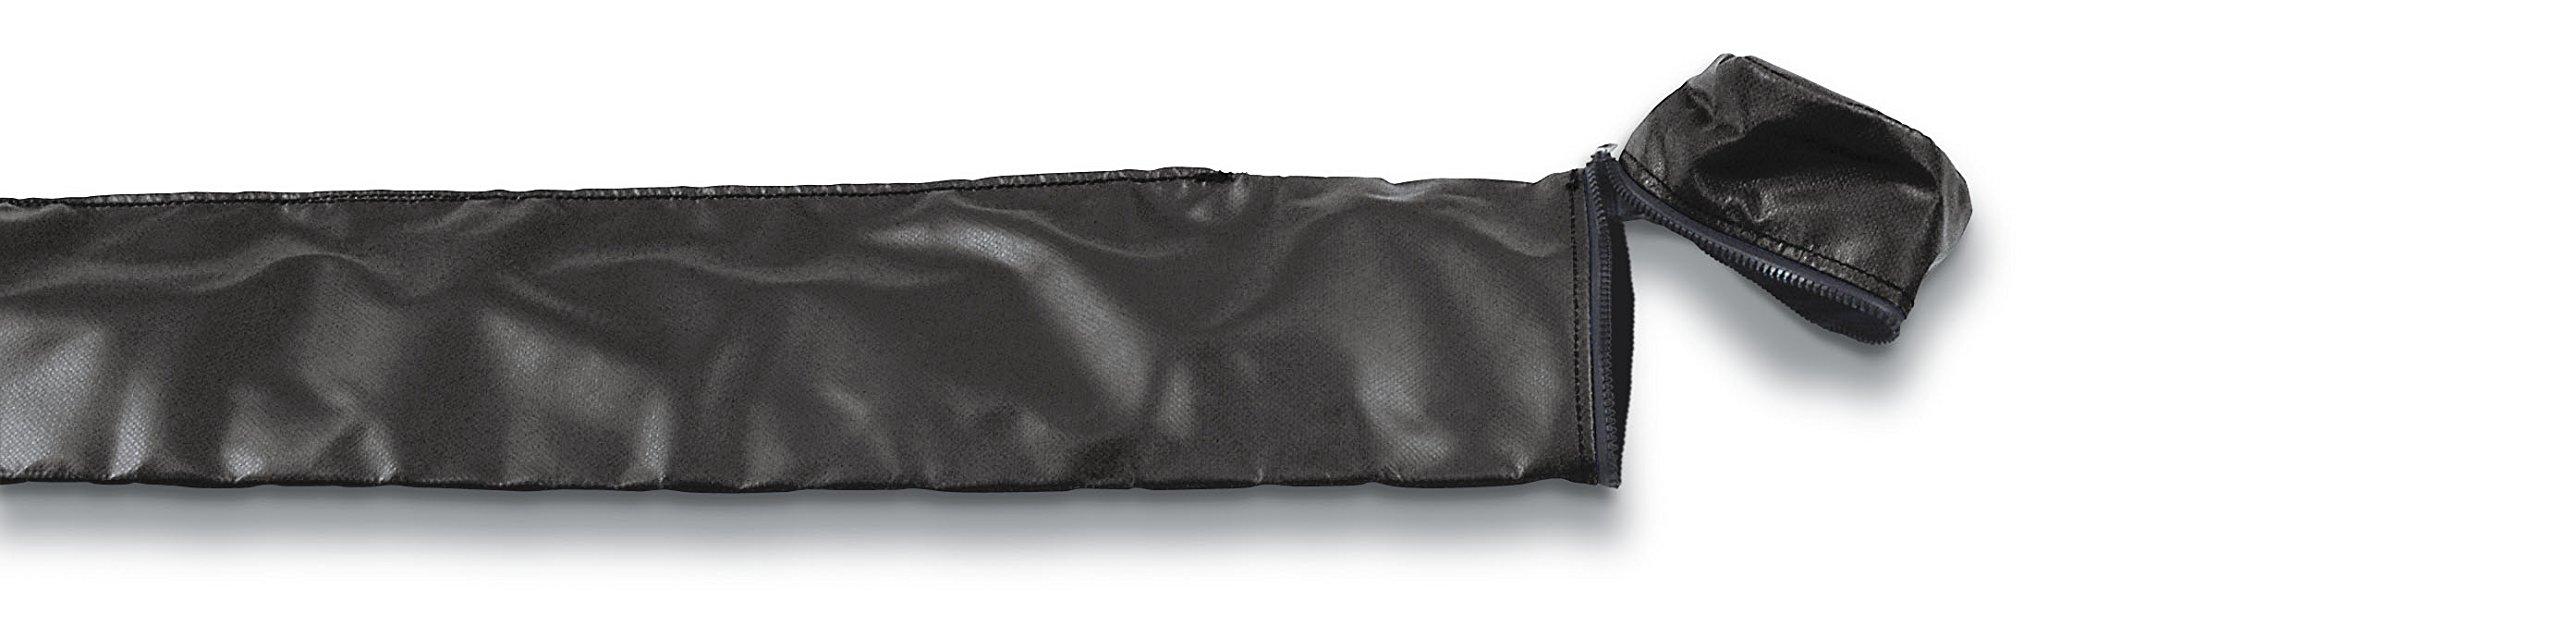 Pole Vault Pole Bag Adjustable